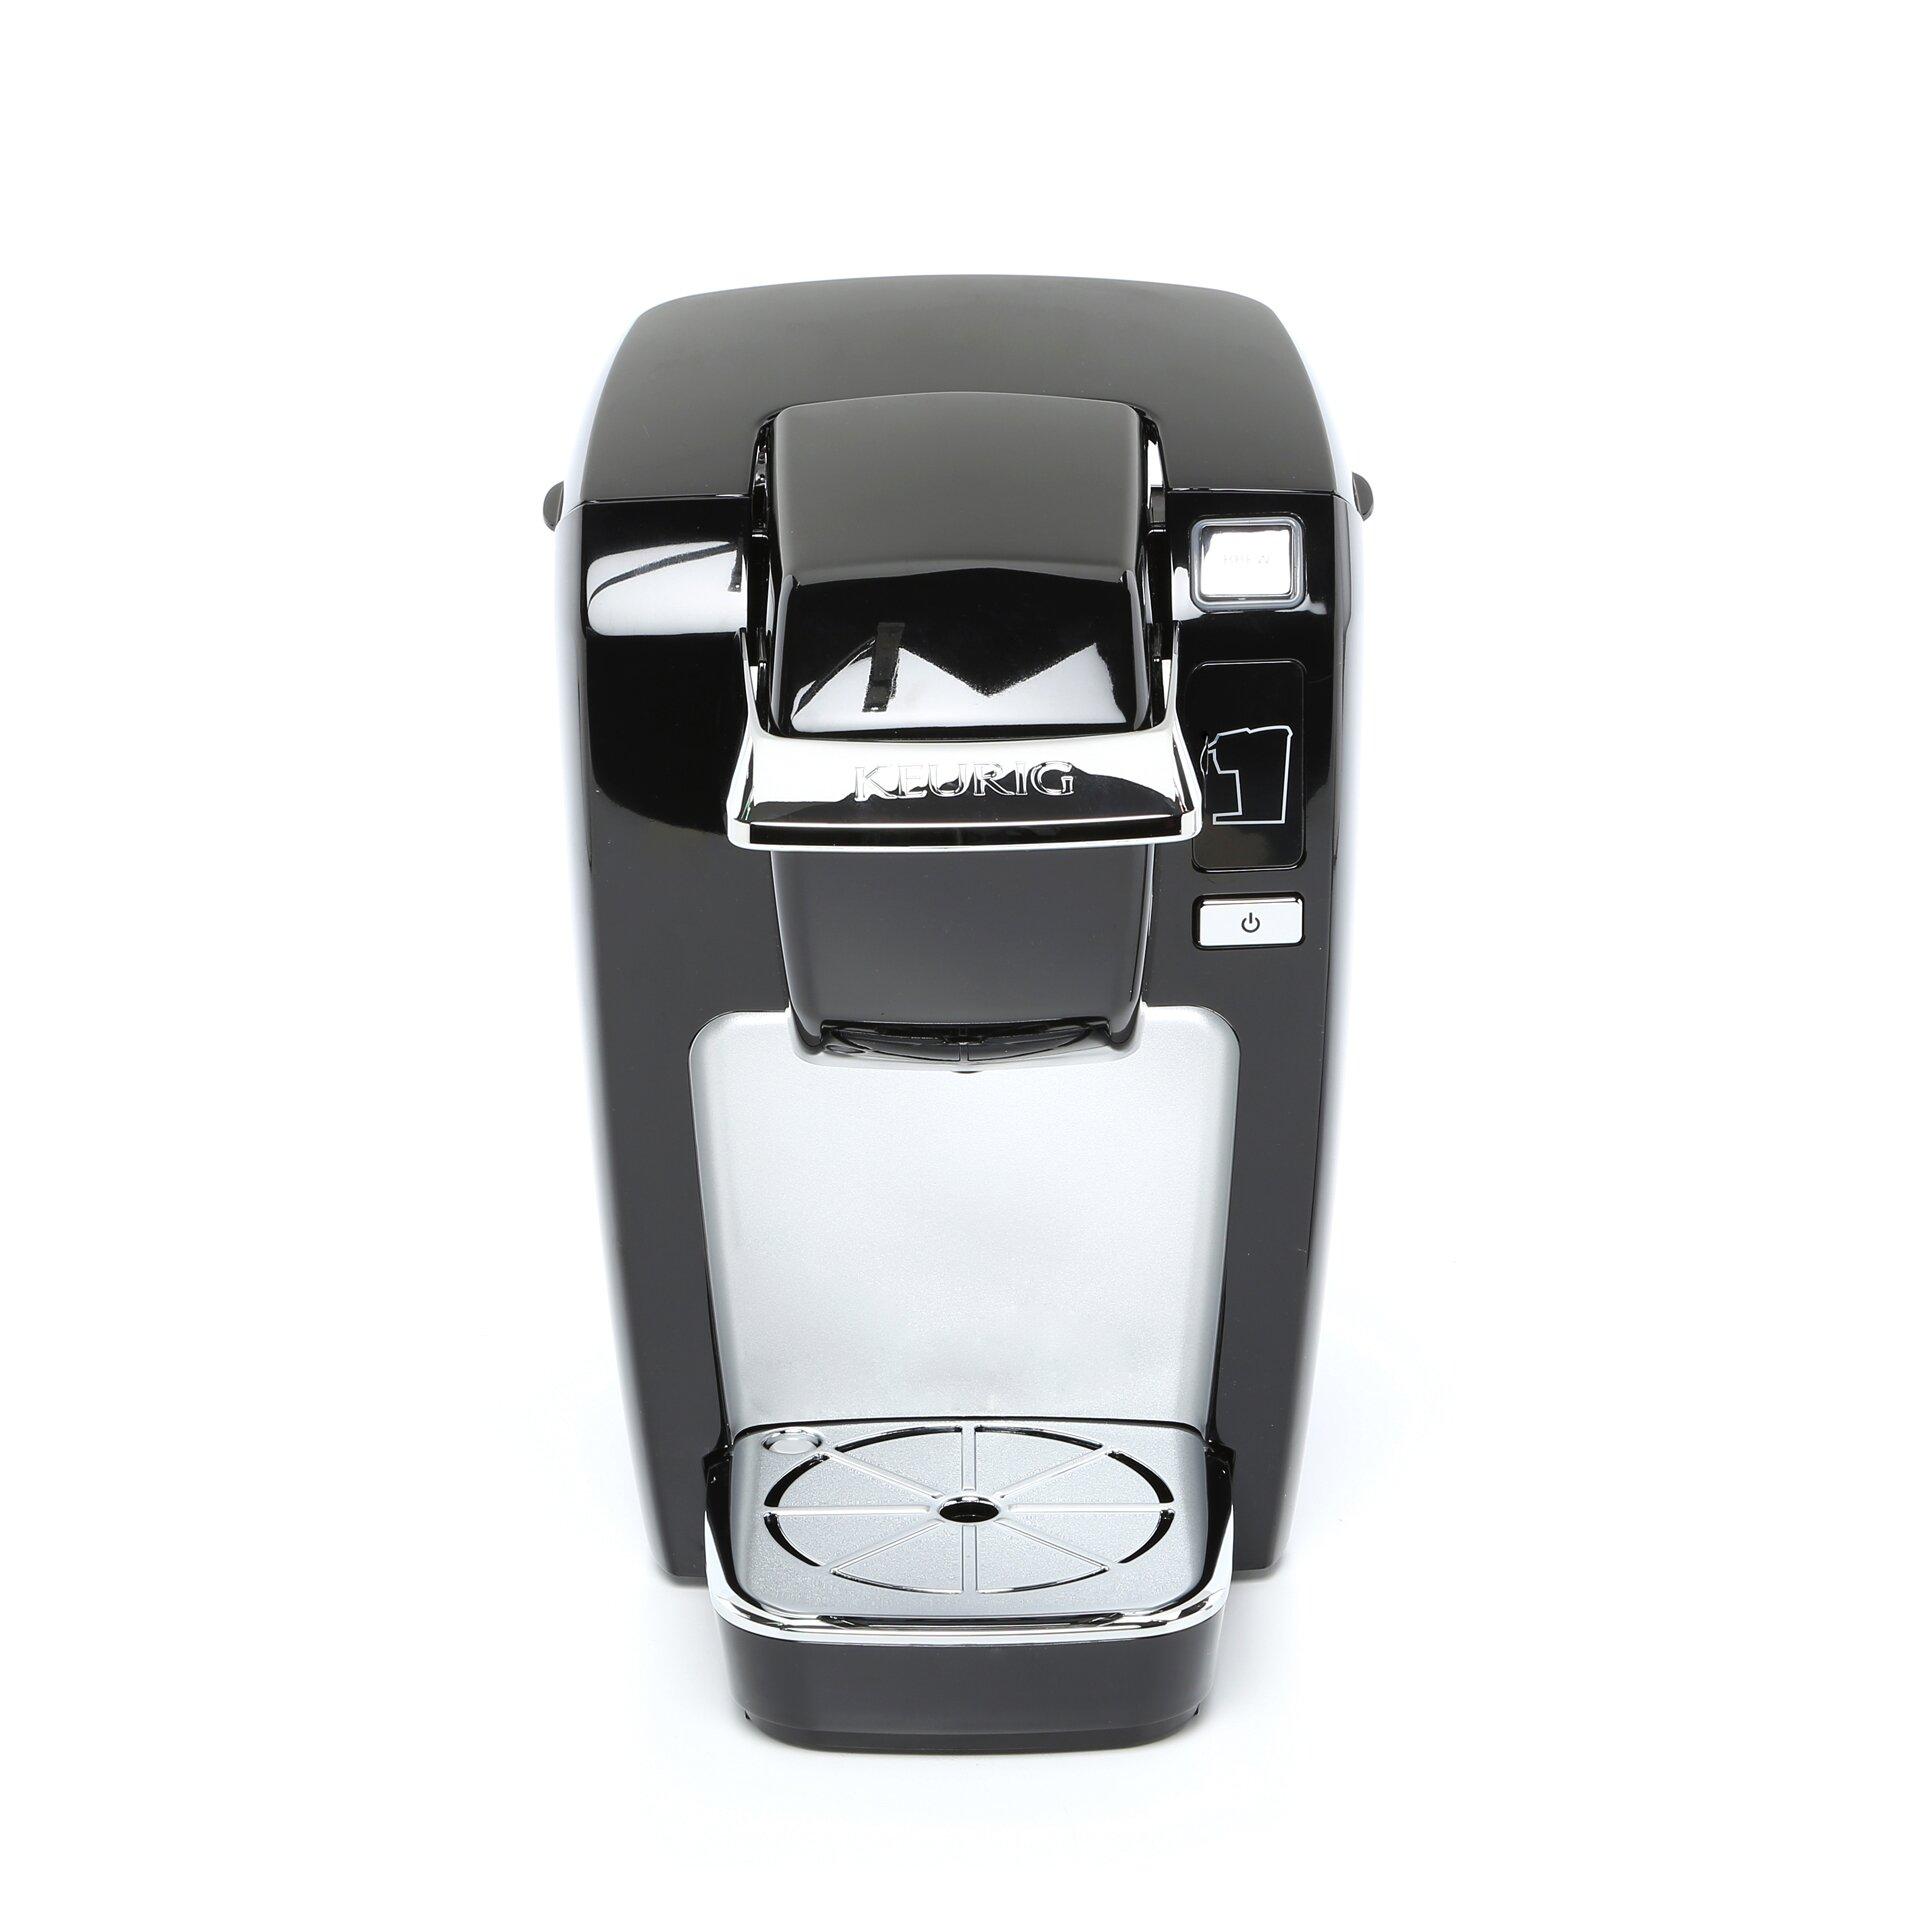 Coffee Maker Reviews Keurig : Keurig K15 Coffee Maker & Reviews Wayfair